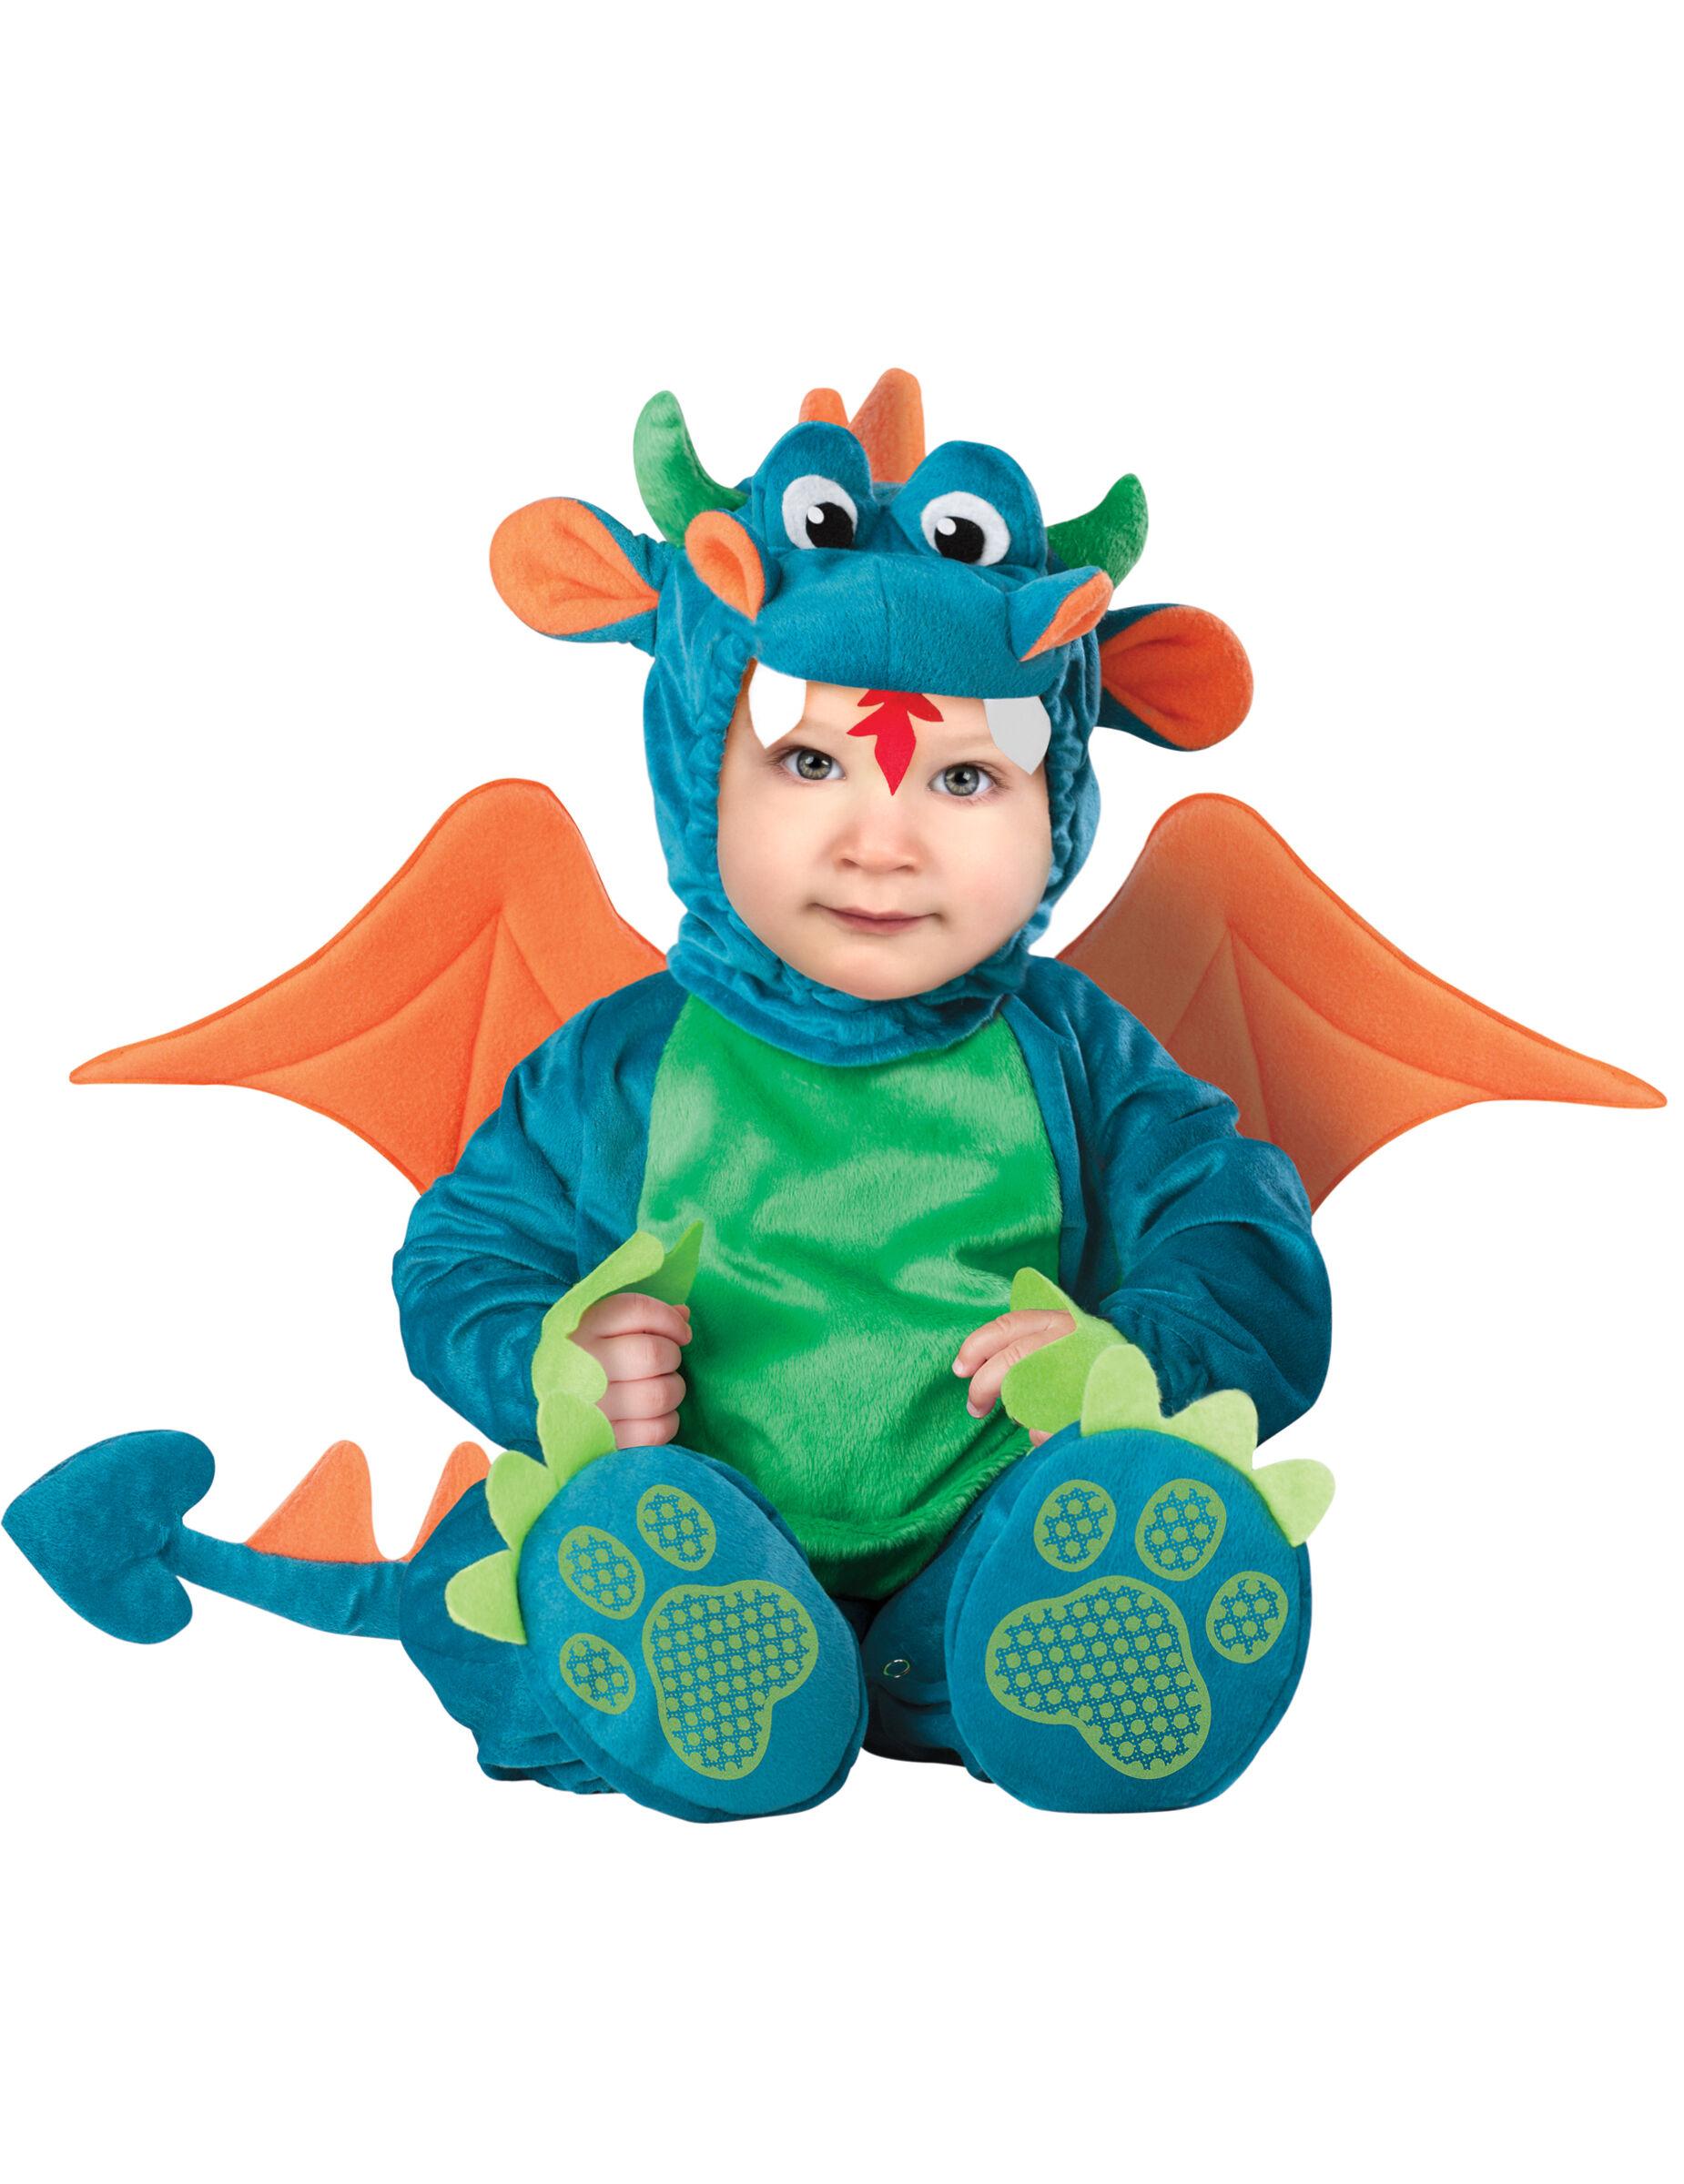 Deguisetoi Déguisement Dragon pour bébé - Luxe - Taille: 6-12 mois (66-74 cm)